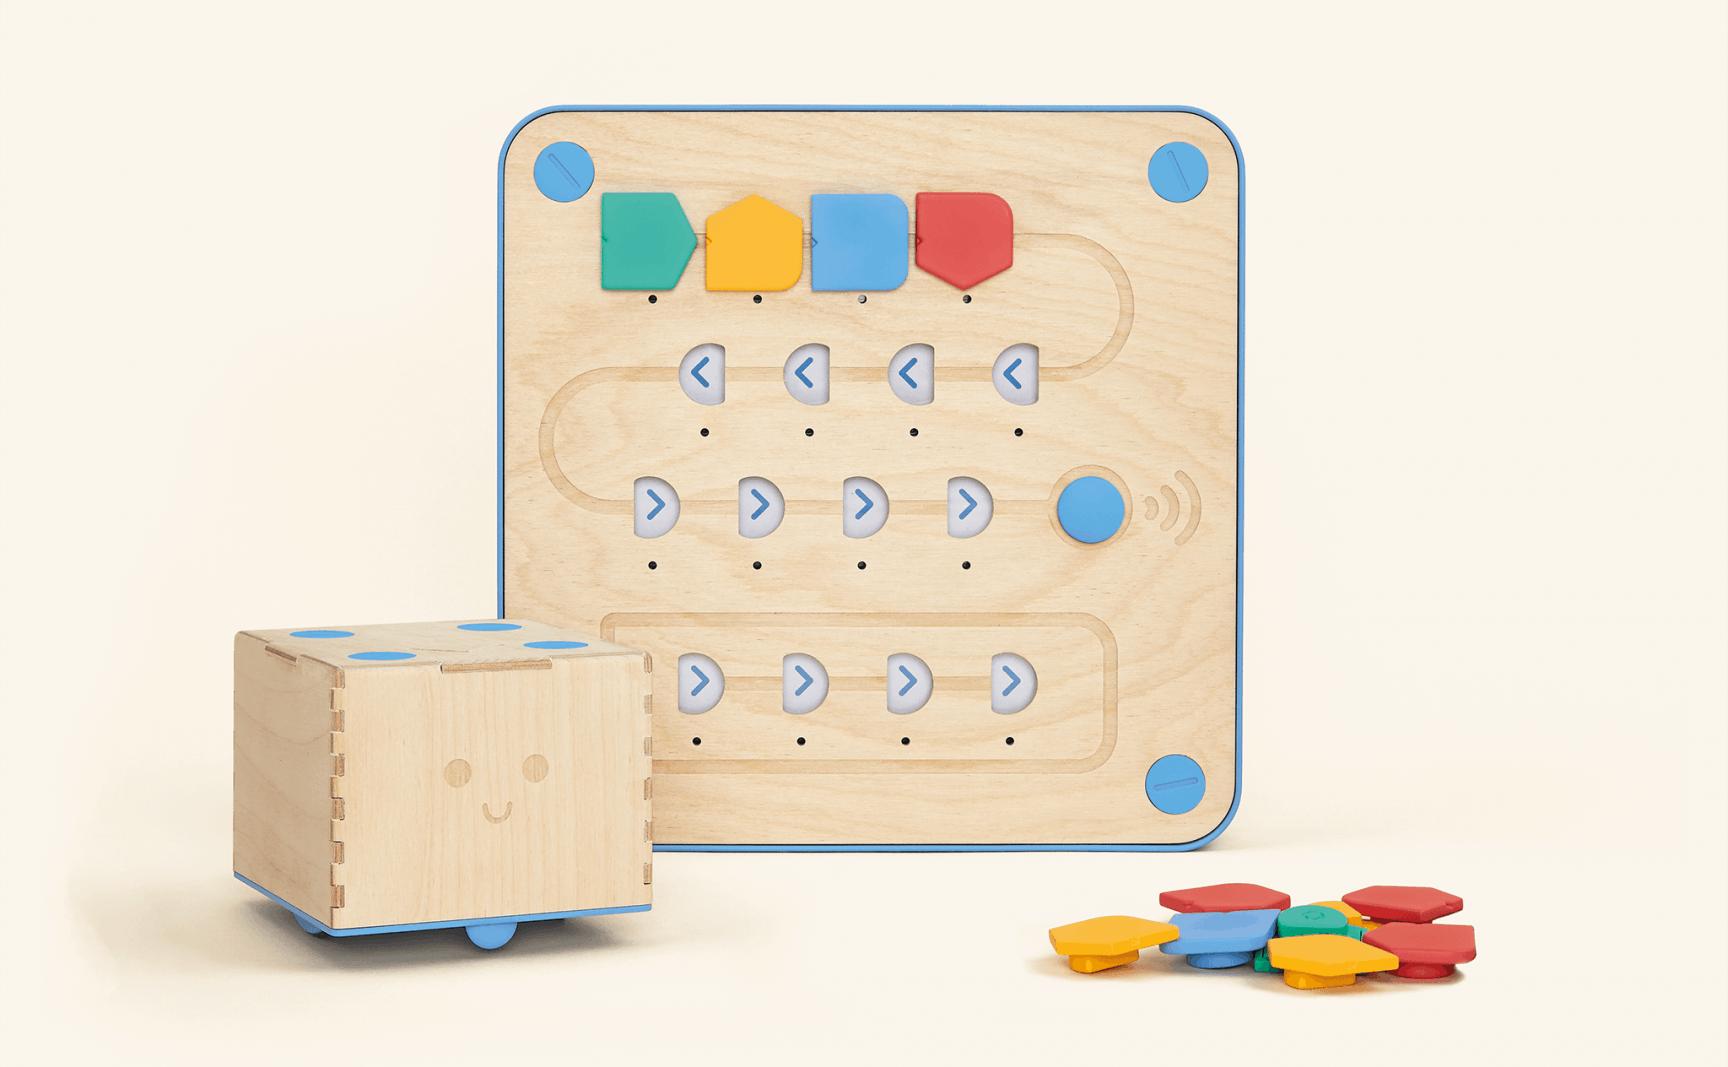 juguetes tecnológicos para niños